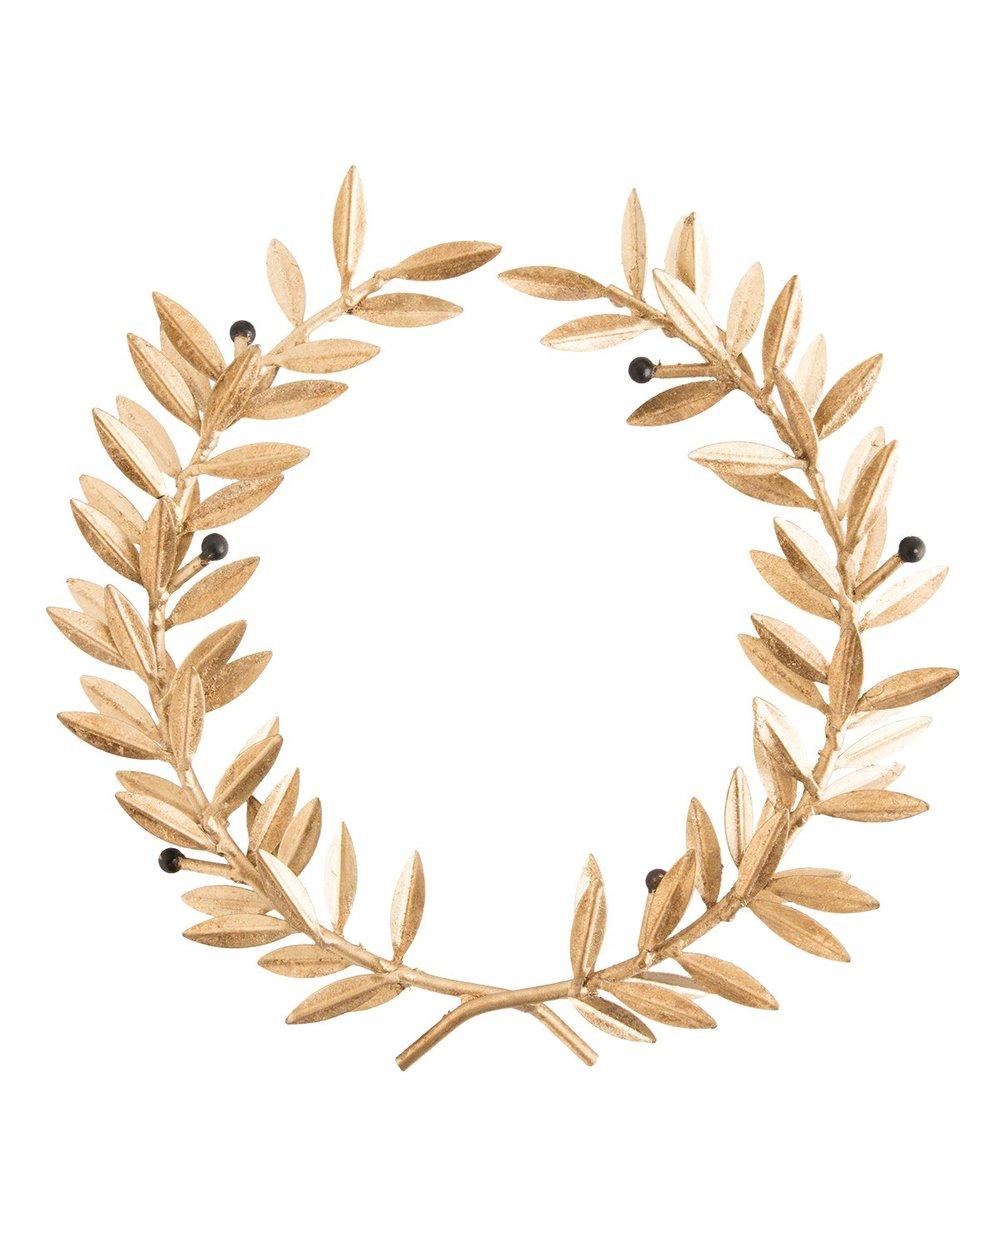 Olea_Wreath_Object_1 2.jpg